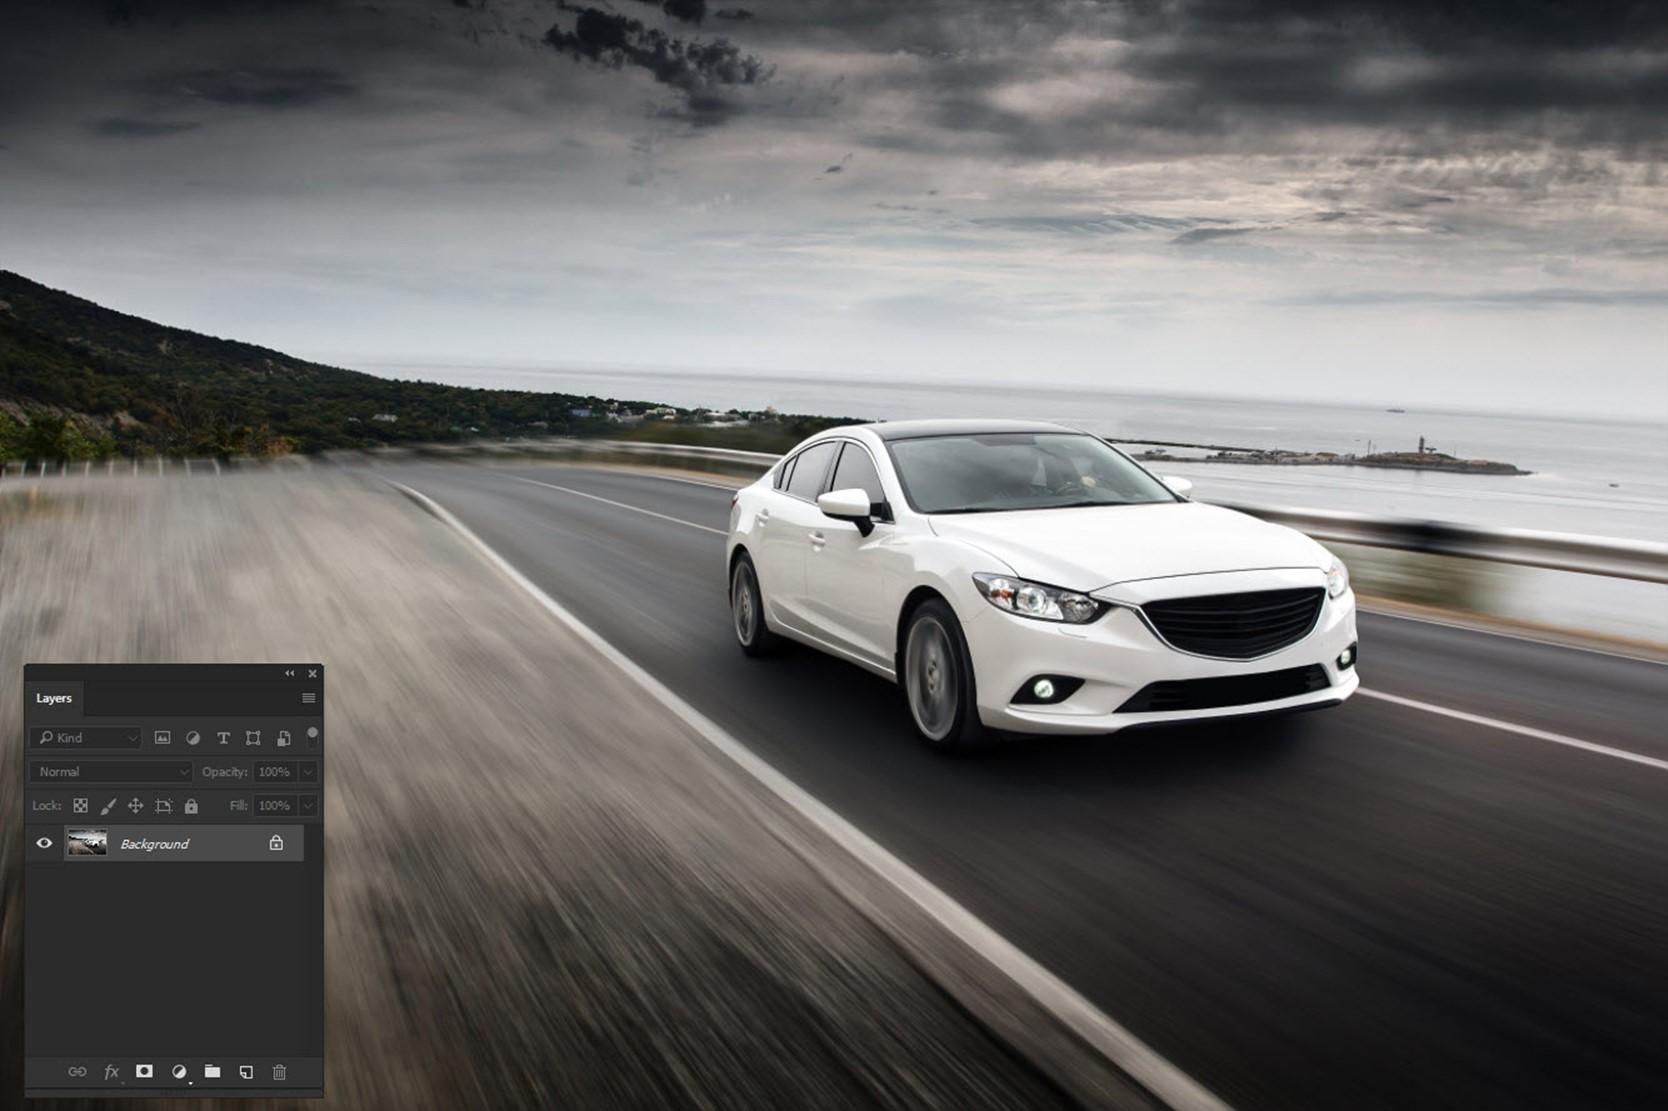 091017_1237_AddRealisti1 - Add Realistic Headlights in Car using Photoshop